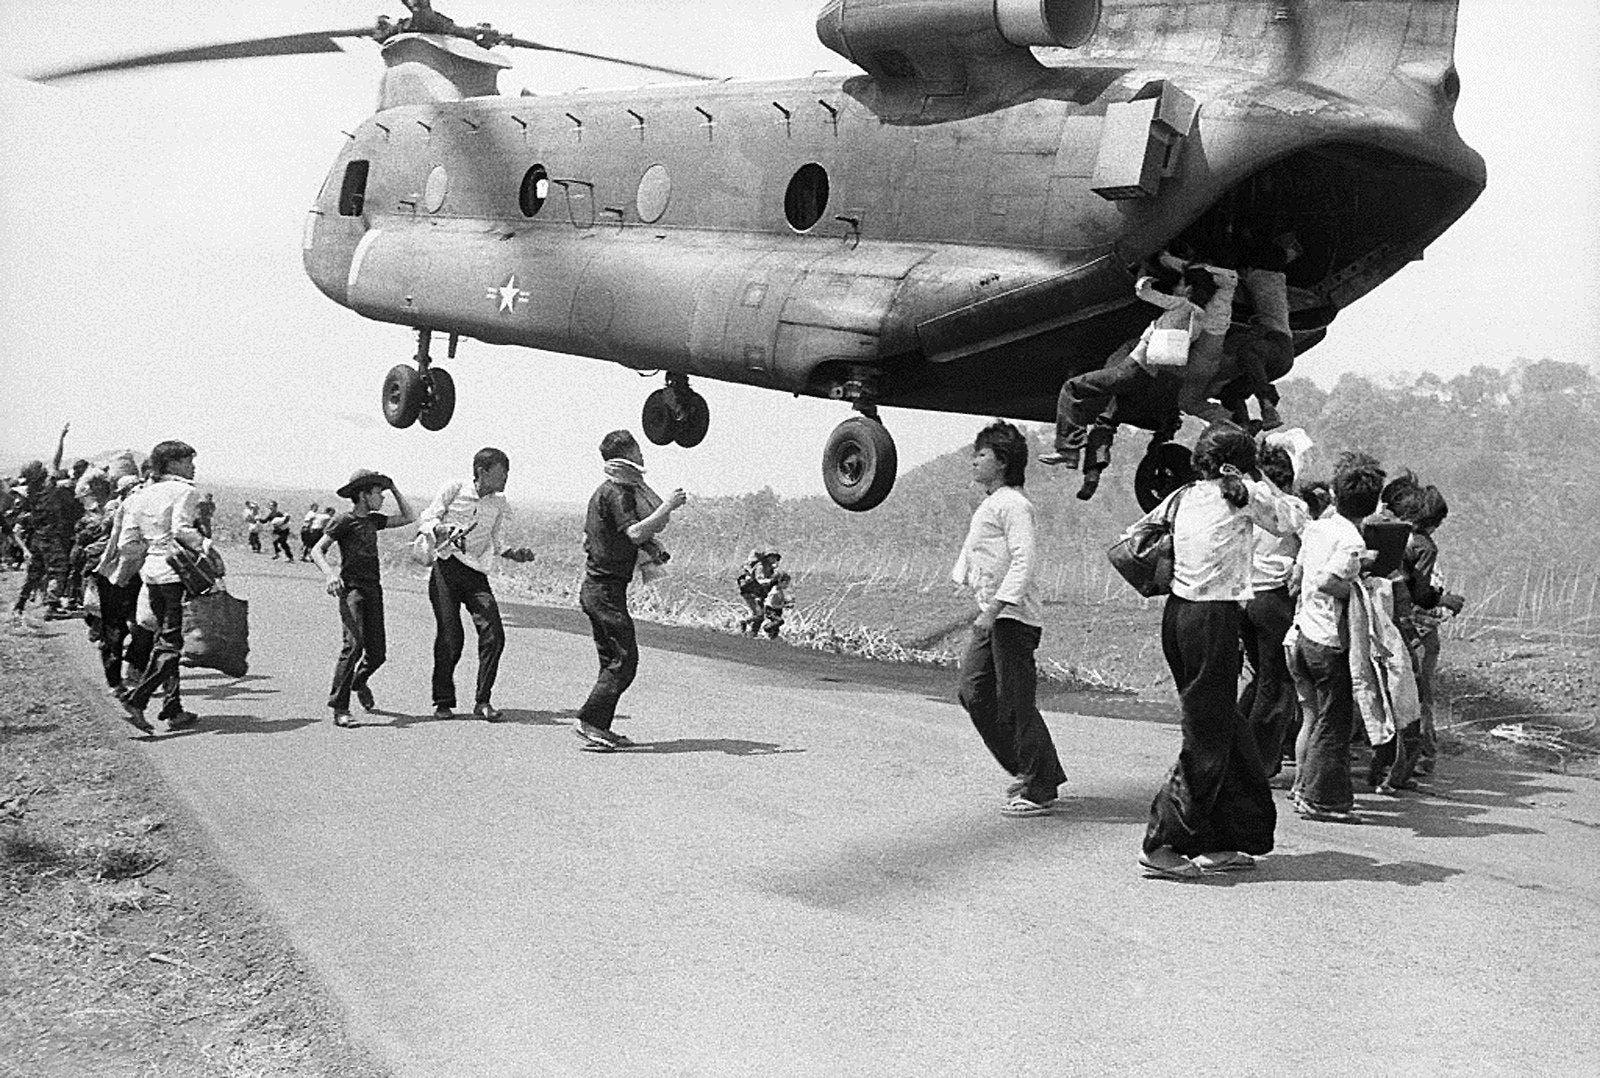 صورة لفيتناميين جنوبيين تشبثوا بمروحية أميركية أملا في النجاة من الشماليين